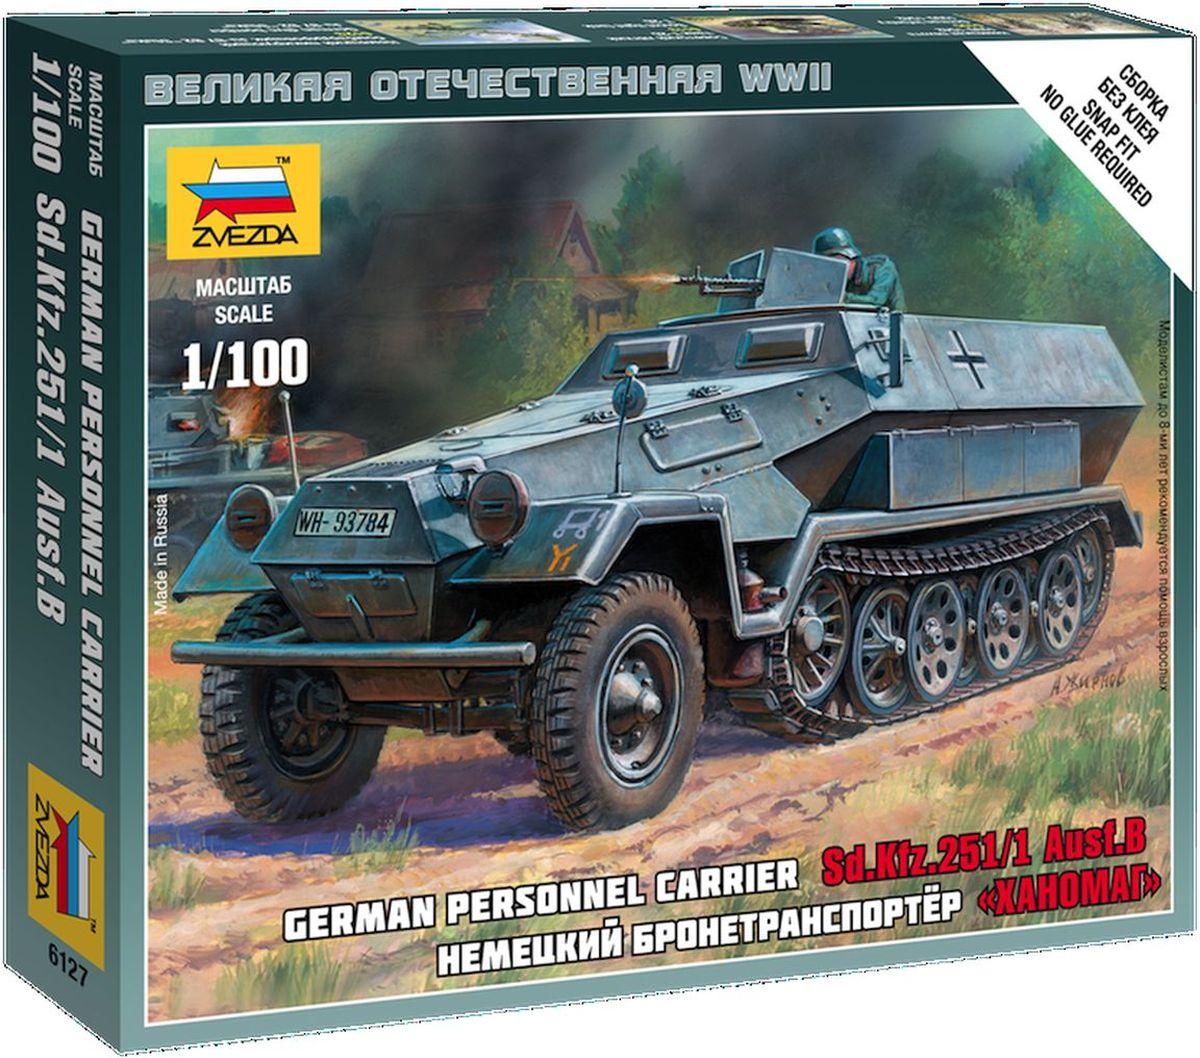 Звезда Сборная модель Немецкий бронетранспортер Sd Kfz 251/1 Ausf B Ханомаг6127С помощью сборной модели Звезда Немецкий бронетранспортер Sd.Kfz.251/1 Ausf.B Ханомаг вы и ваш ребенок сможете собрать уменьшенную копию знаменитого немецкого бронетранспортера времен Великой Отечественной войны. Набор включает в себя 10 пластиковых элементов для сборки бронетранспортера, а также инструкцию на русском языке. Сборка без клея! В серийное производство бронетранспортер был запущен в 1939году на заводах девяти германских фирм. Данная машина предназначалась для обеспечения возможности мотопехоте наступать вслед за танками, ведя бой в тесном взаимодействии с ними. Впервые бронетранспортеры Sd.Kfz.251 были использованы в боях на территории Польши в сентябре 1939 года. Всего с июня 1939 по март 1945 года было произведено 15252 бронетранспортера. Они состояли на вооружении вермахта, войск СС и люфтваффе, а также экспортировались в Венгрию, Румынию и Финляндию. Процесс сборки развивает интеллектуальные и инструментальные способности, воображение и...